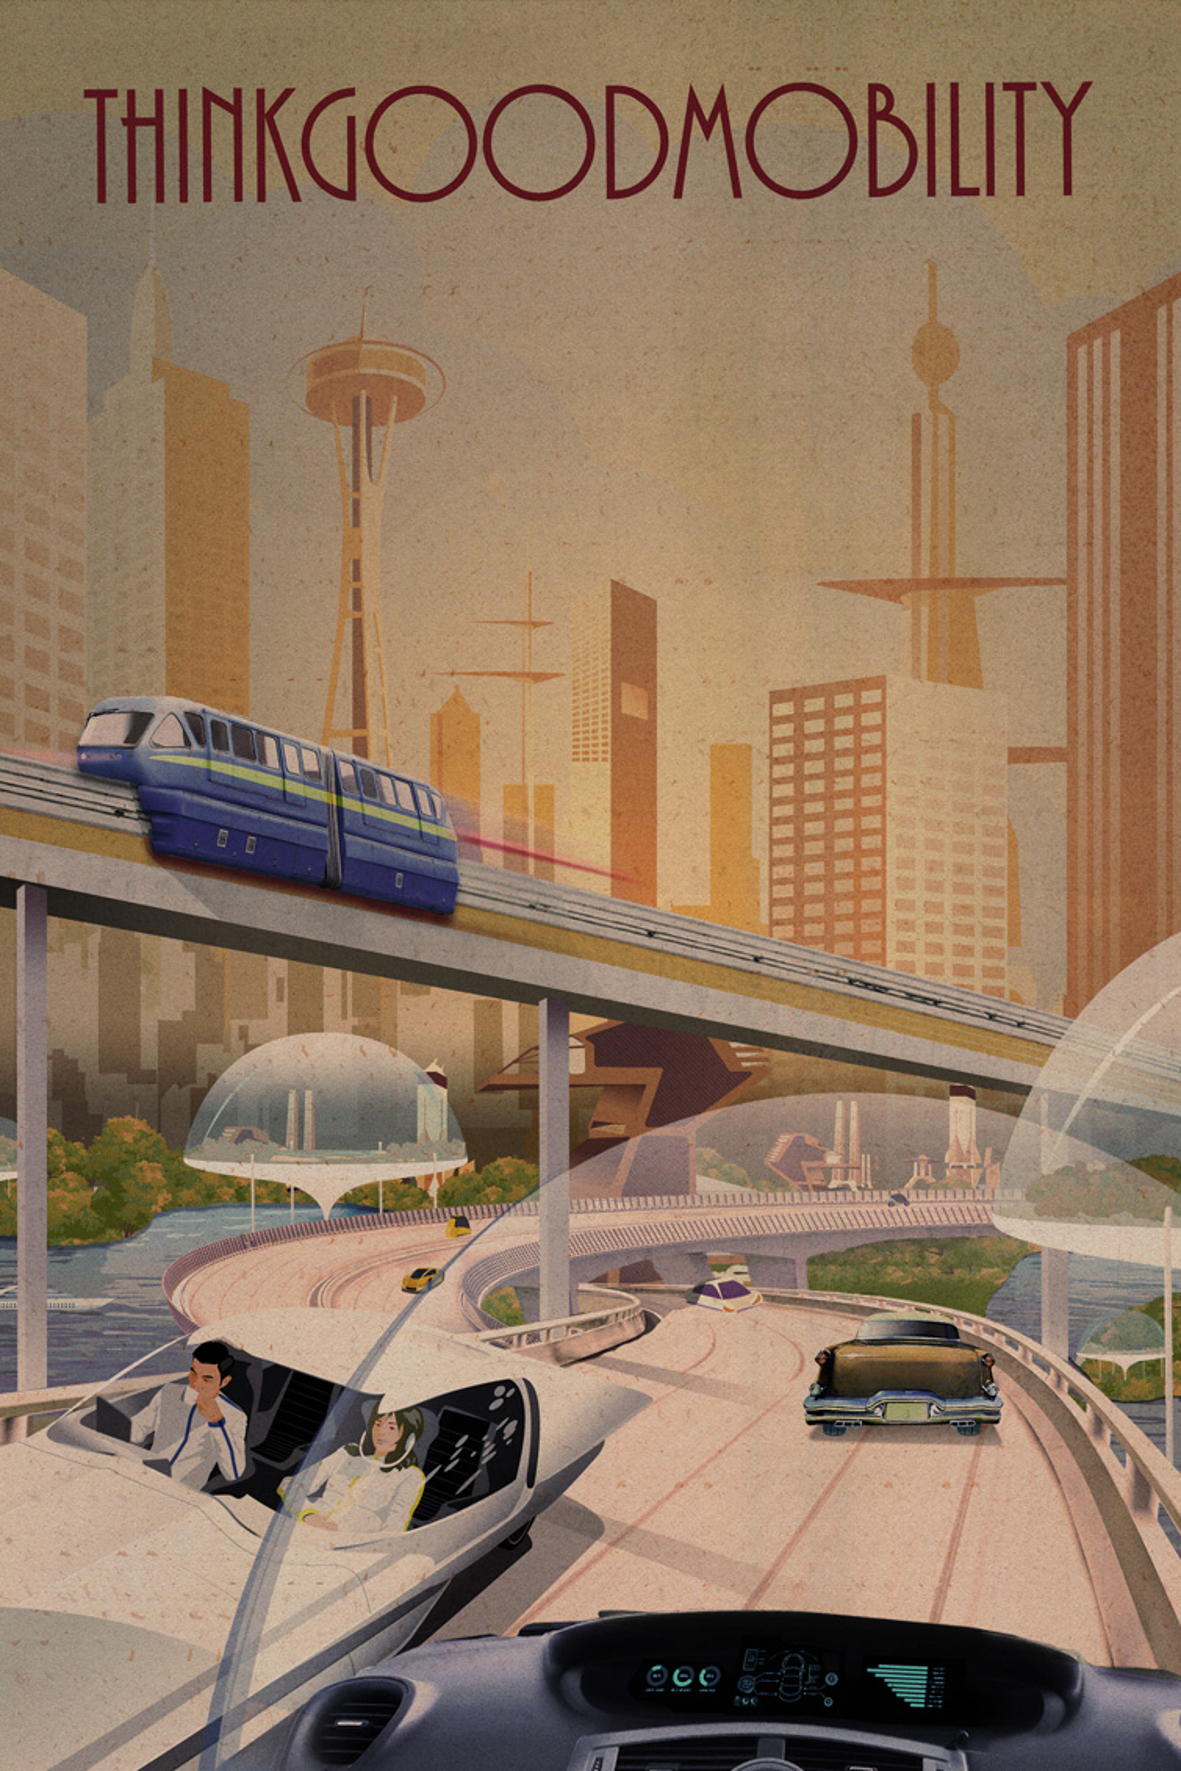 """mid München - Die Studie """"ThinkGoodMobility"""" stellt dar, wie die Menschen in Europa und besonders in Deutschland zur künftigen autonomen Mobilität stehen."""